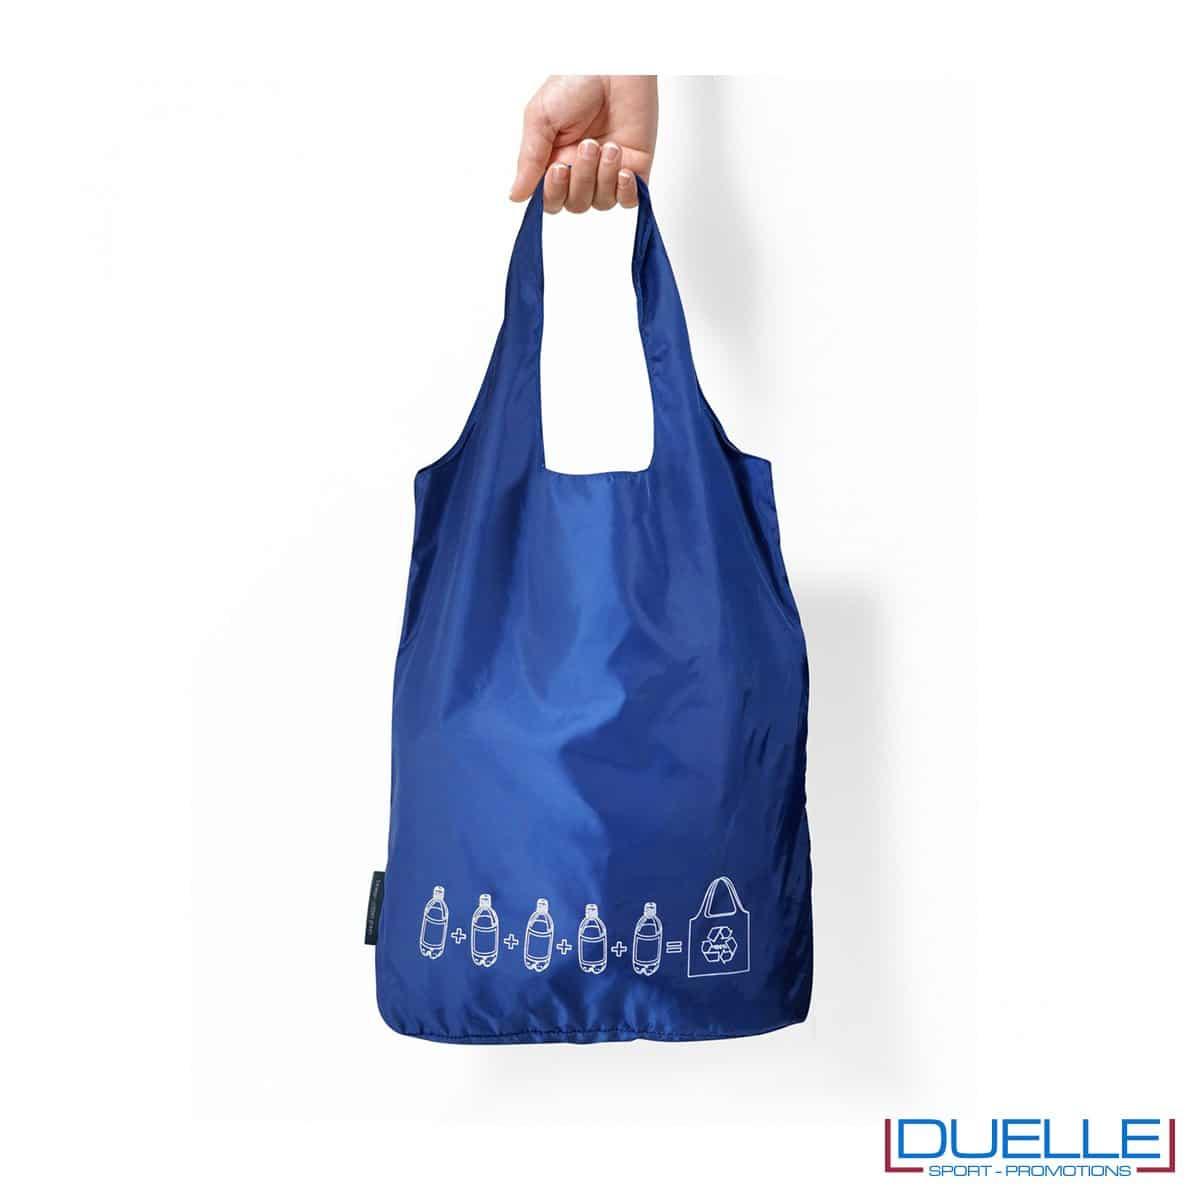 Shopper spesa in PET riciclato 5 bottiglie per una shopper